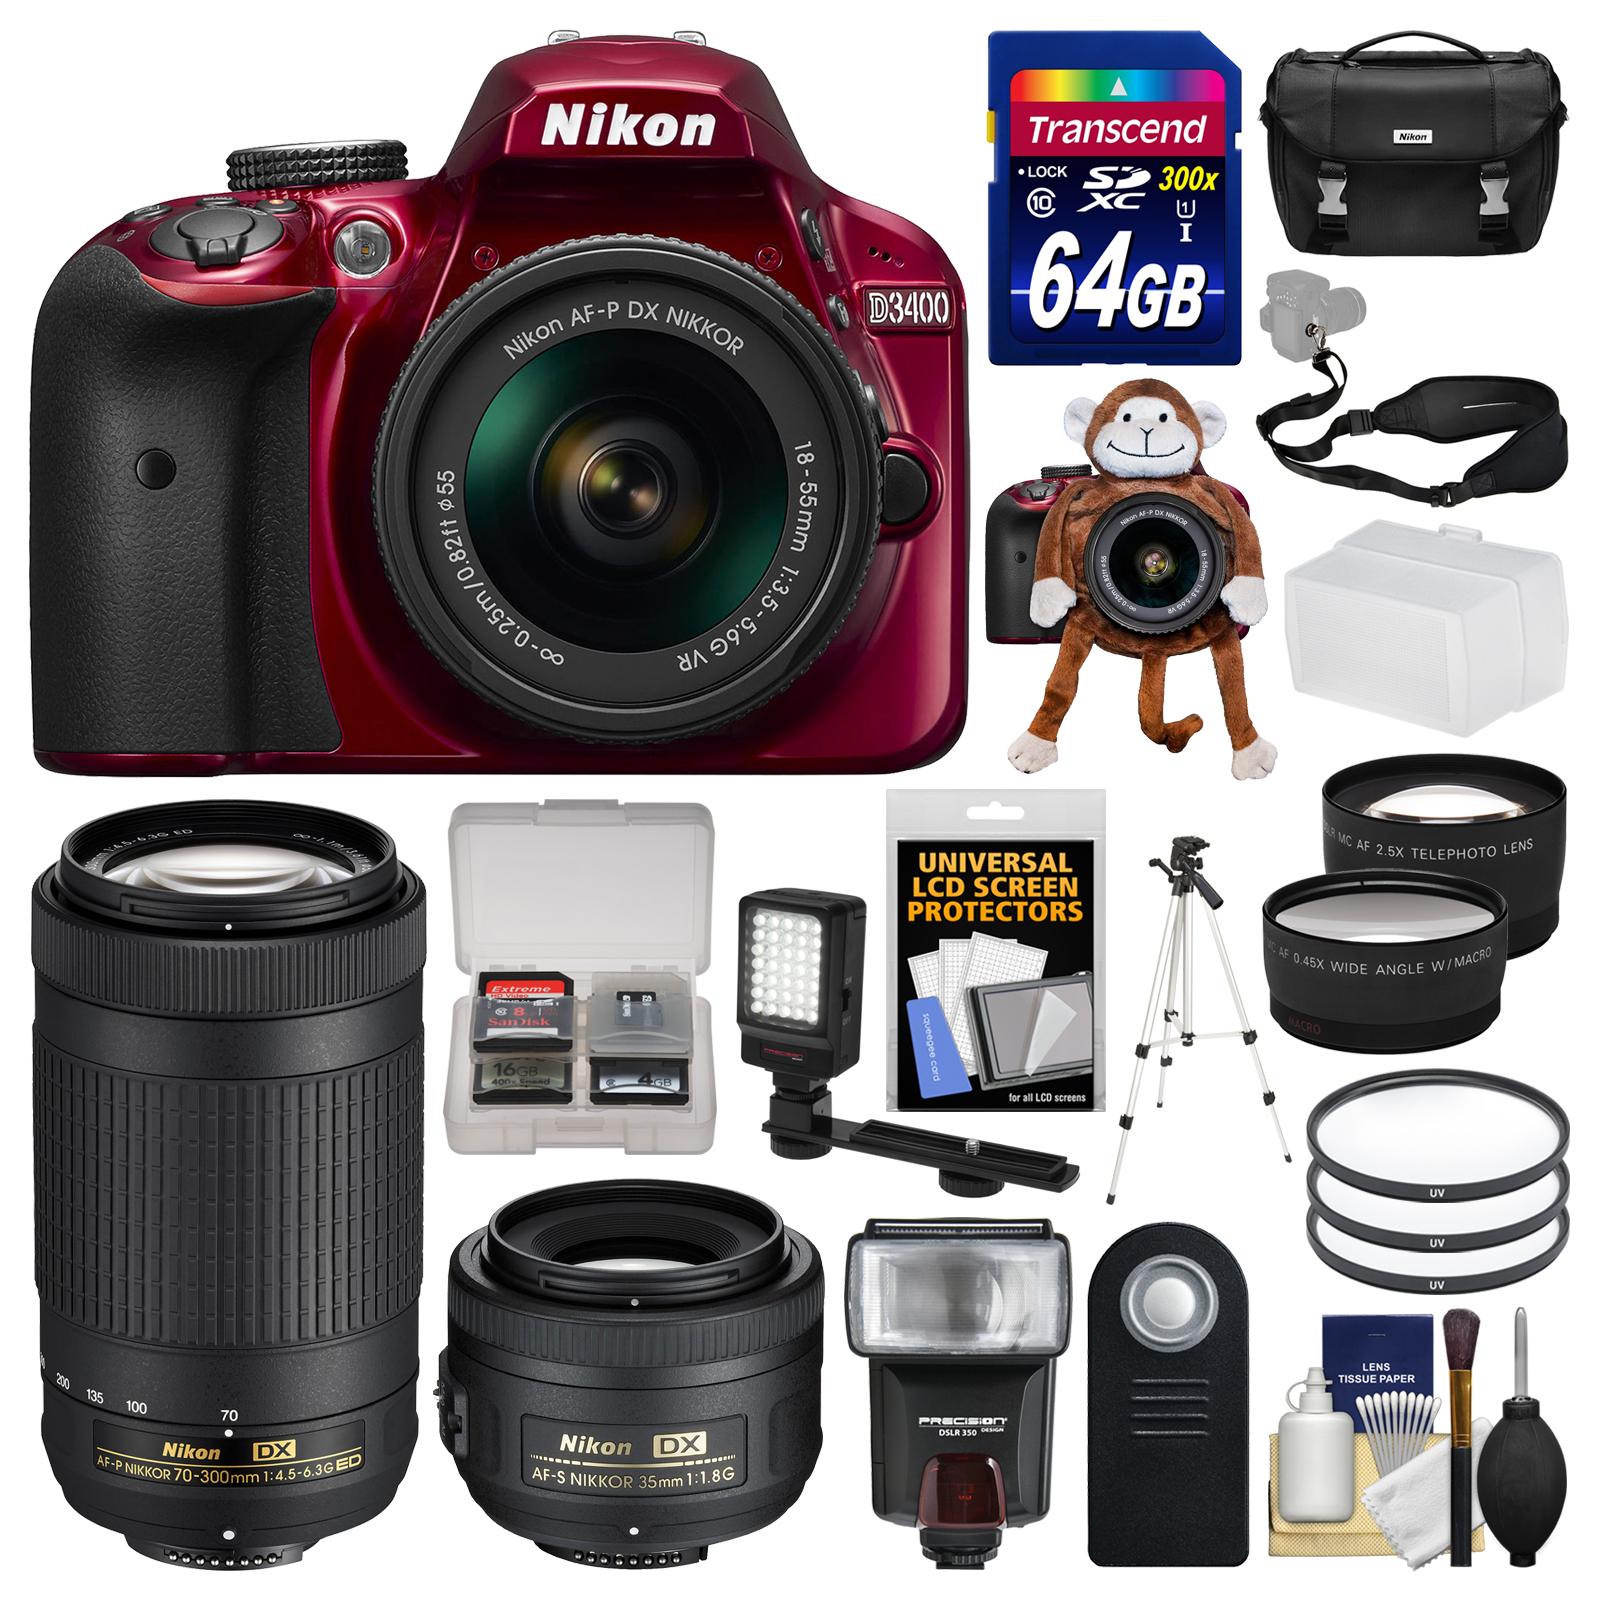 Nikon D3400 Digital SLR Camera (Red) & 18-55mm VR, 70-300mm DX AF-P, 35mm f 1.8G Lenses + 64GB Card + Case +... by Nikon